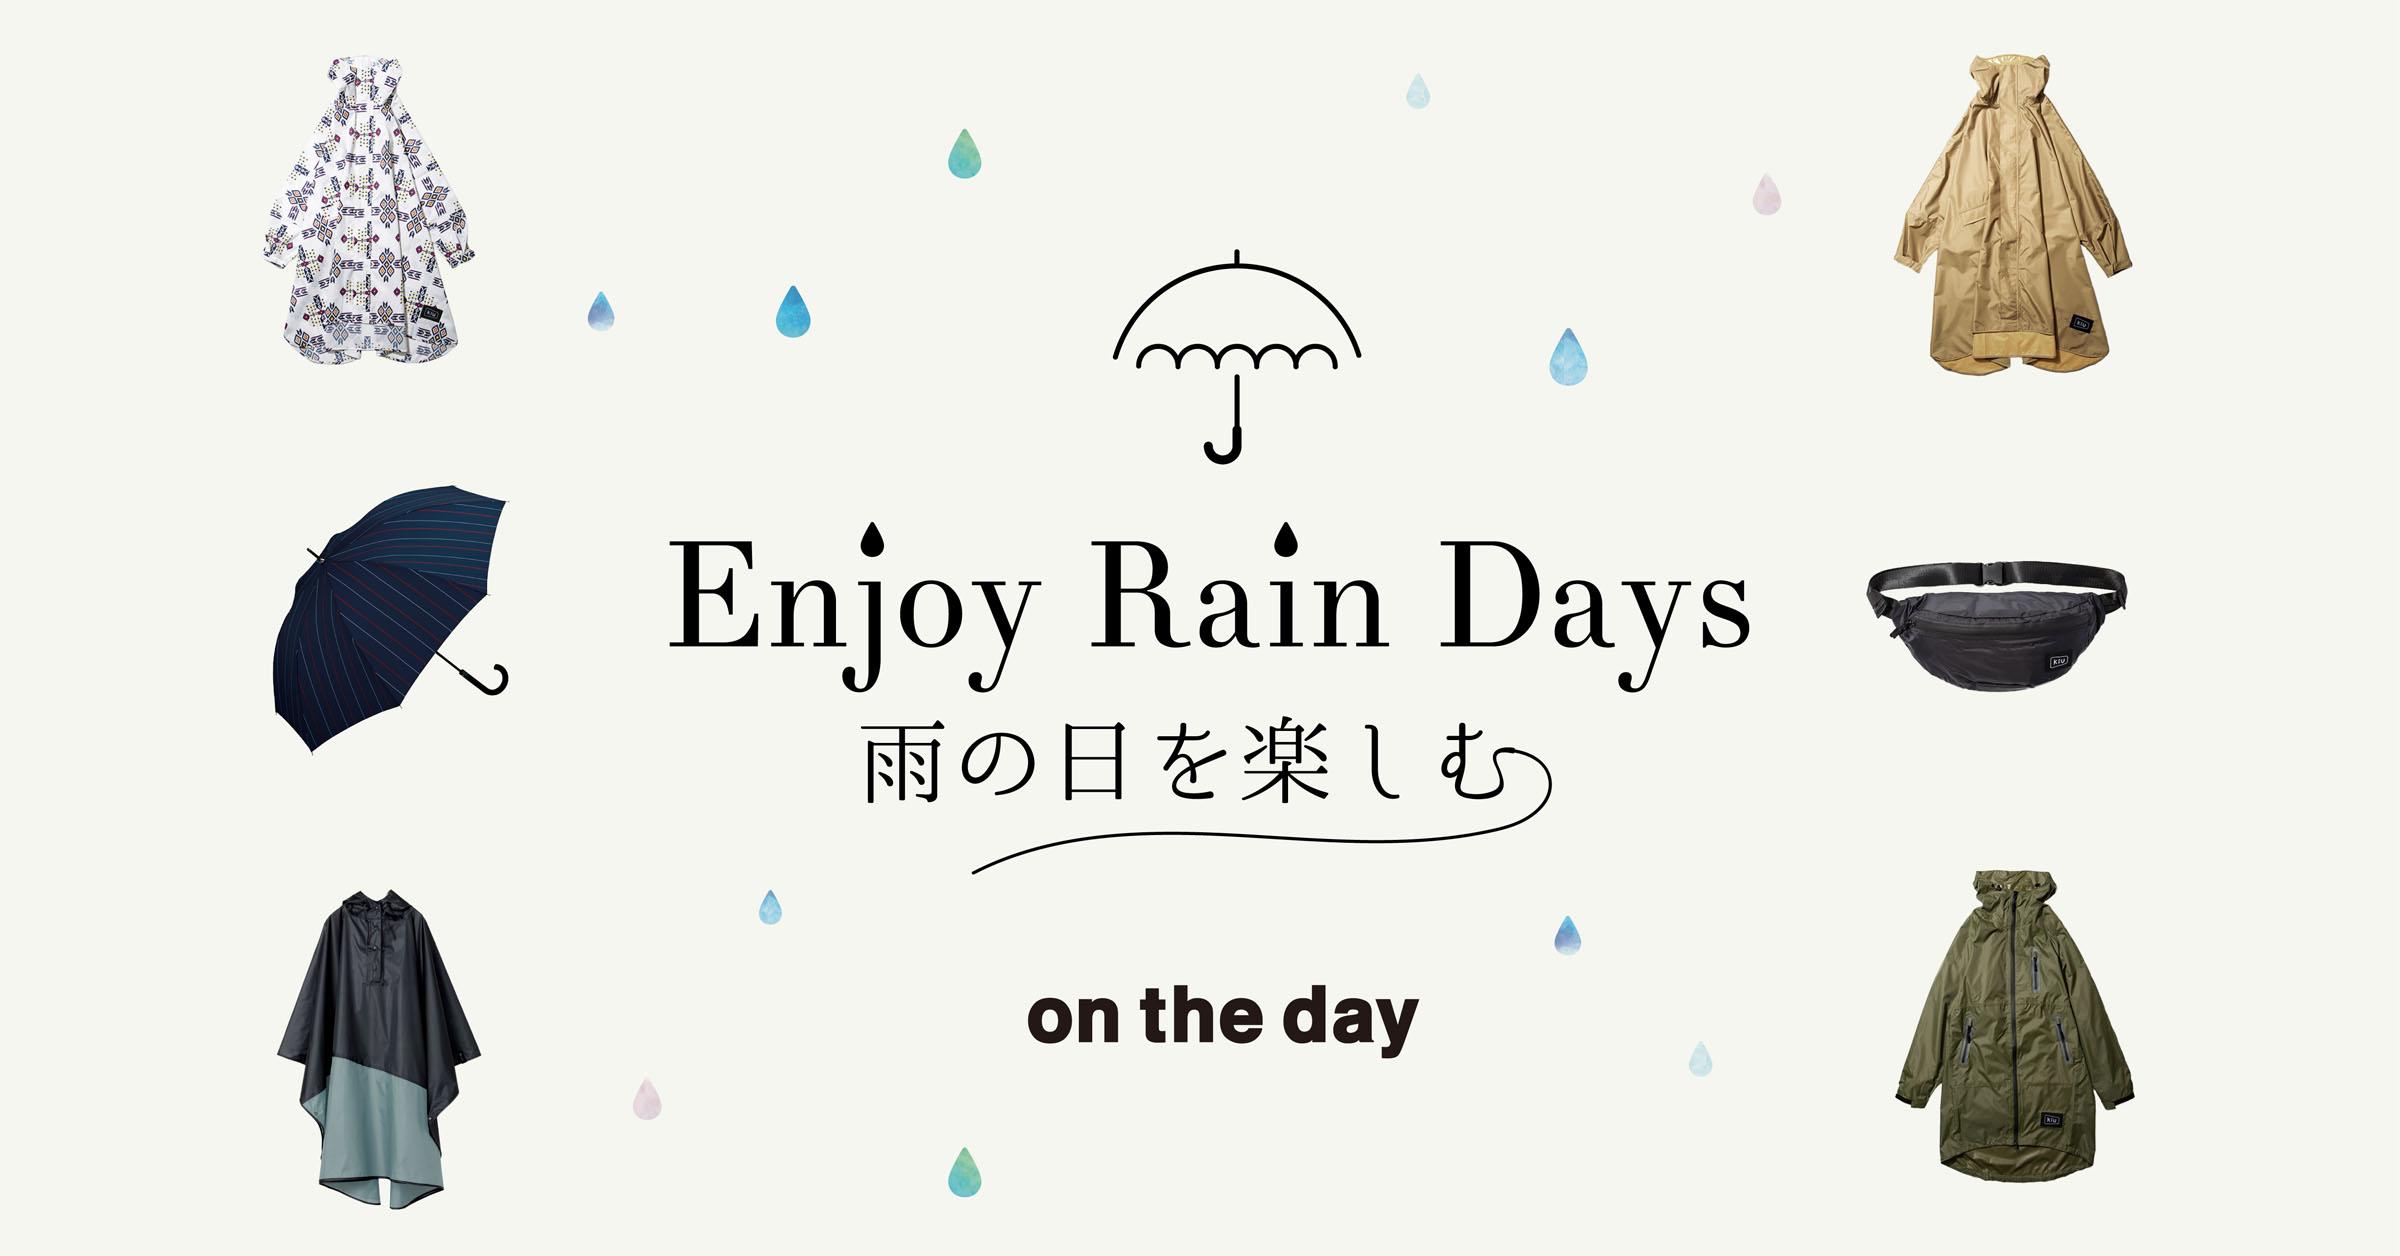 Enjoy Rain Days 雨の日を楽しむ